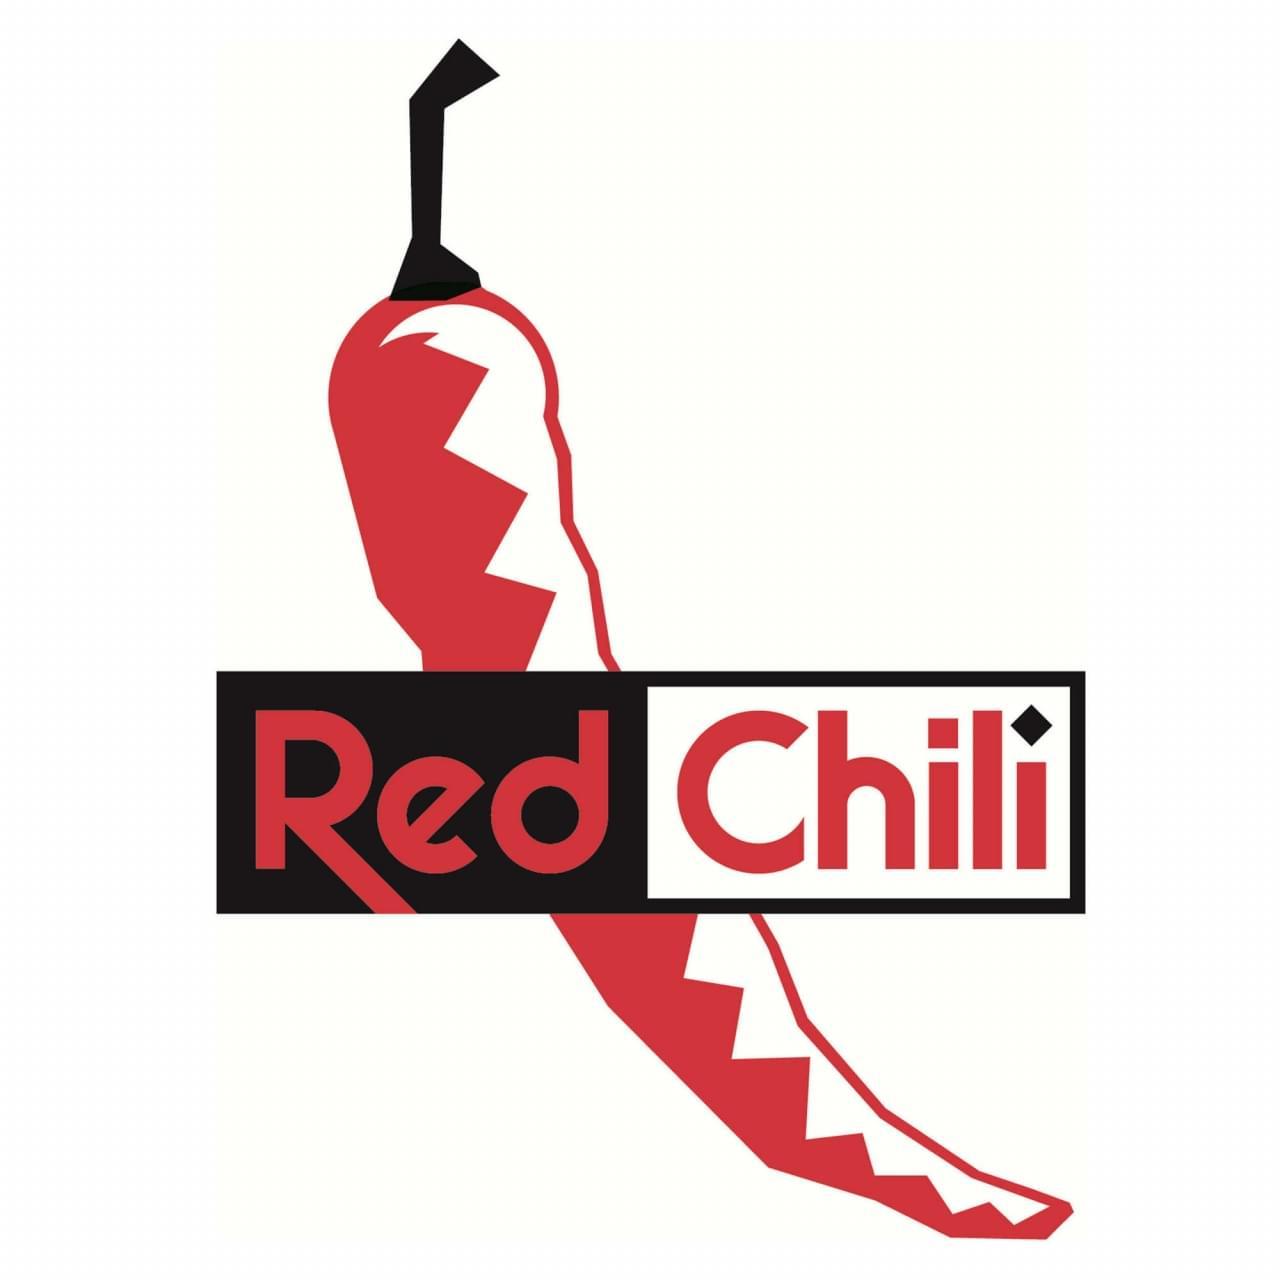 Red Chili Durango VCR